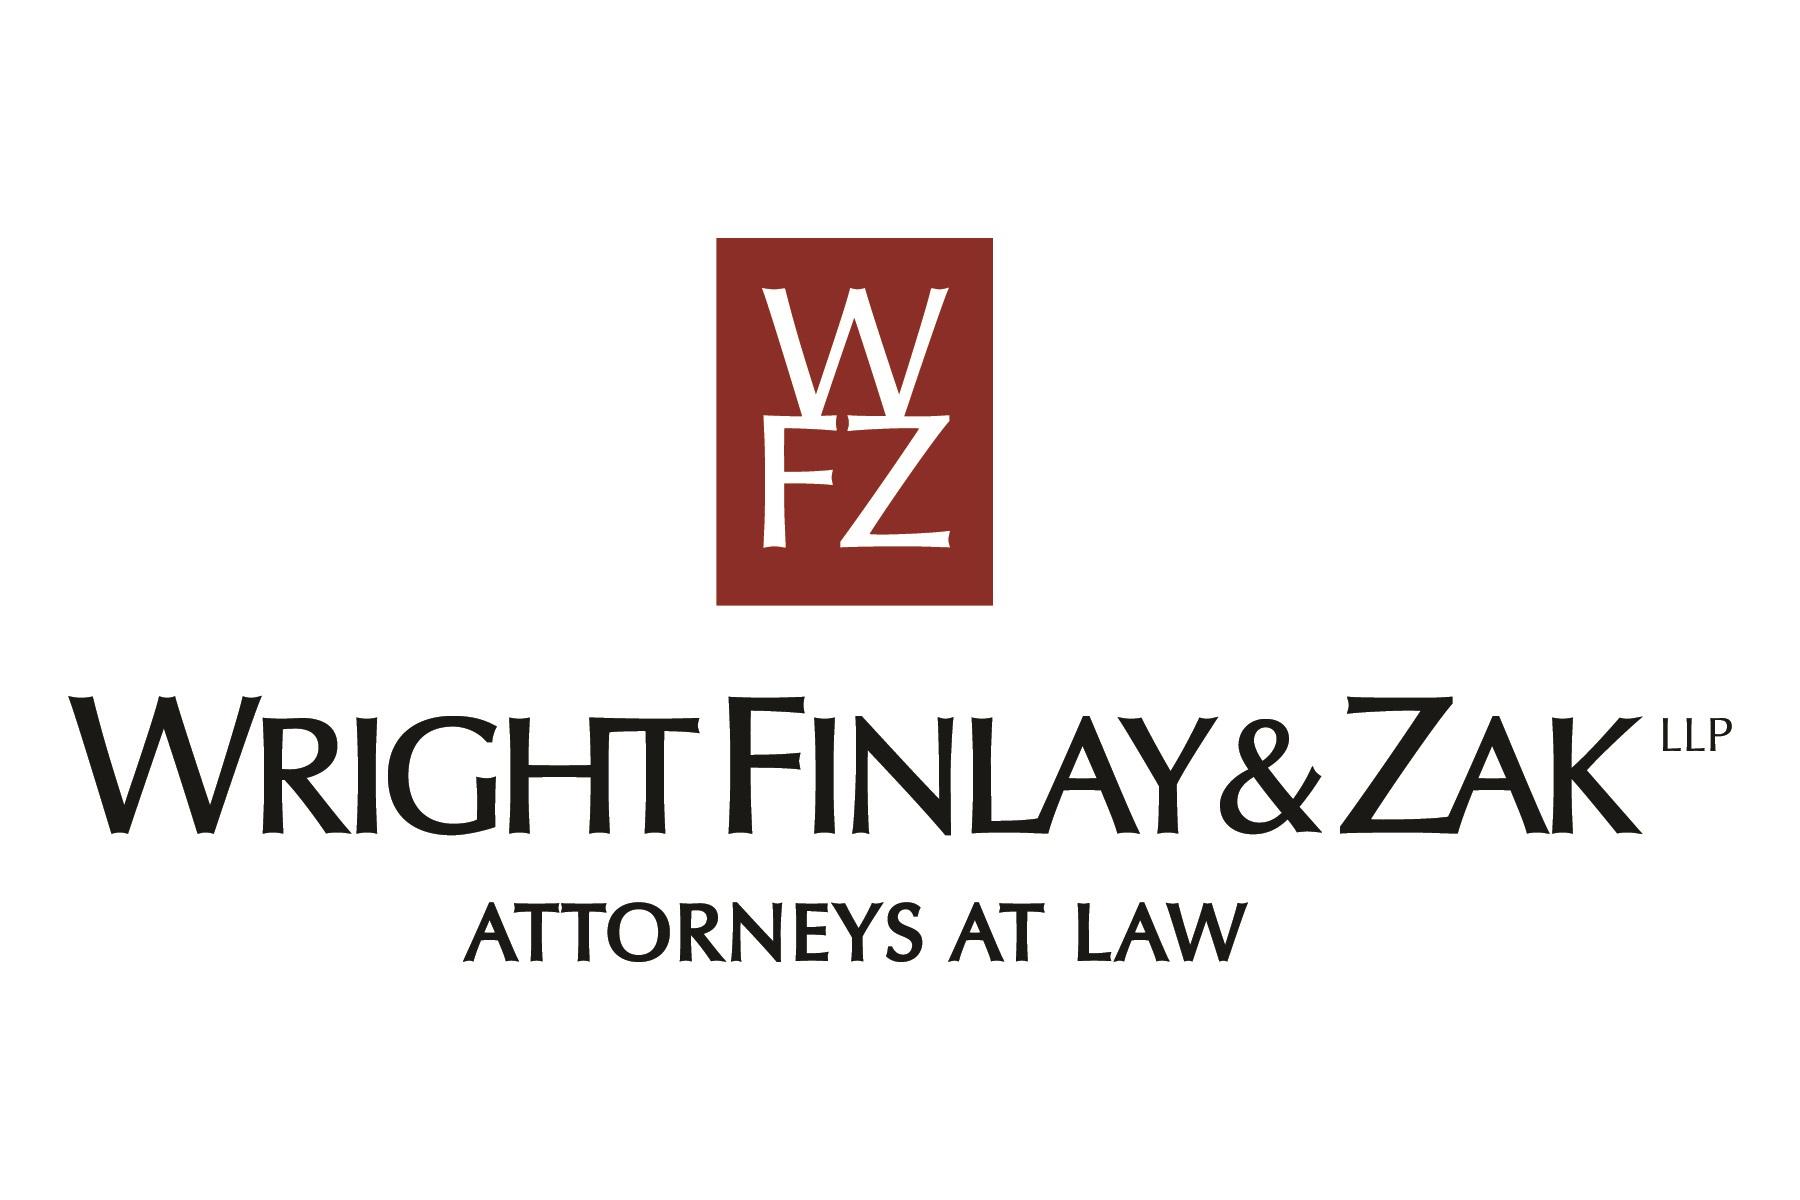 Wright, Finlay & Zak Logo